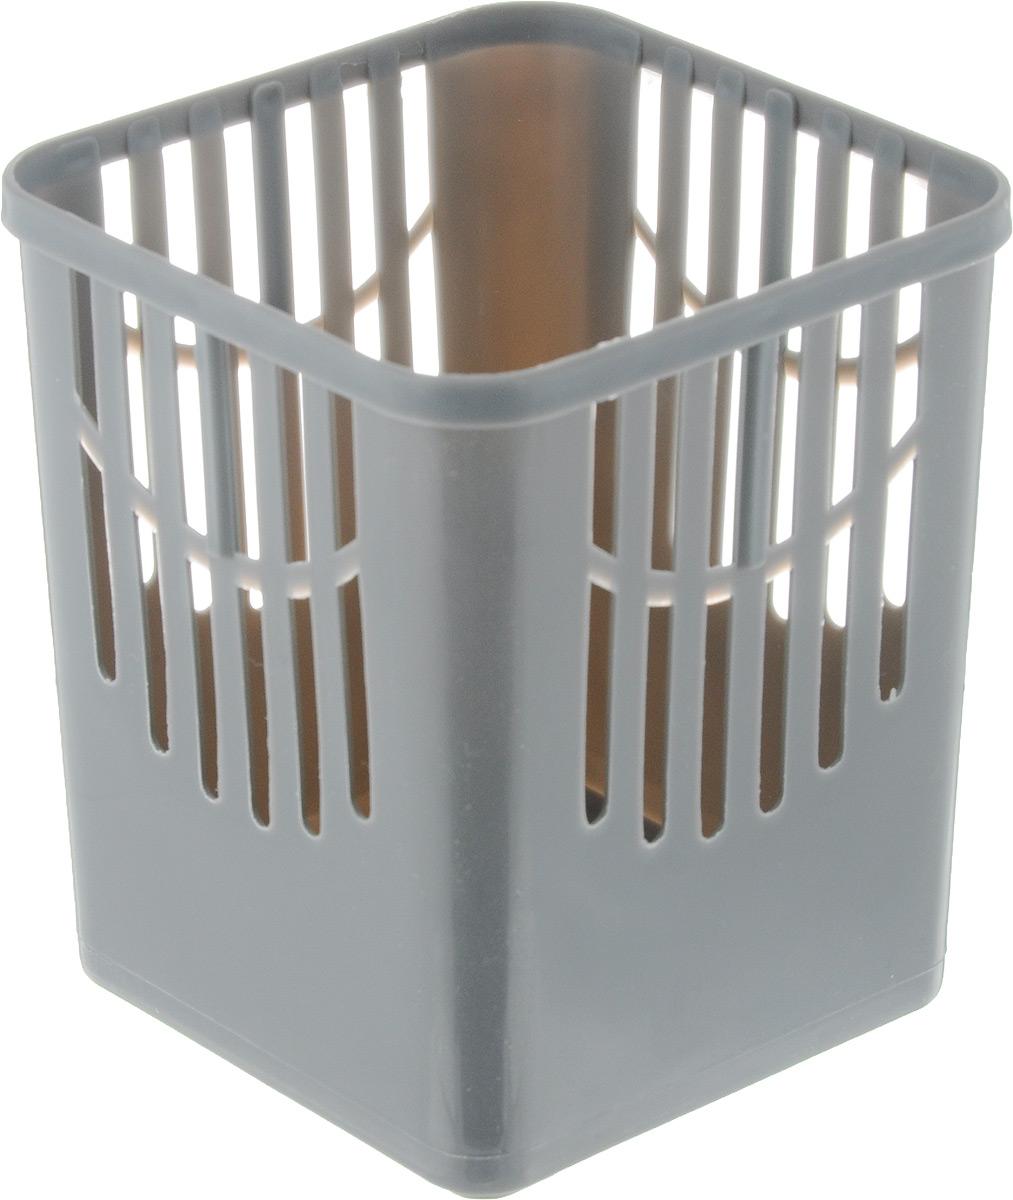 """Фото Подставка для столовых приборов """"Axentia"""", цвет: серый, 10,5 х 10,5 х 12,5 см"""